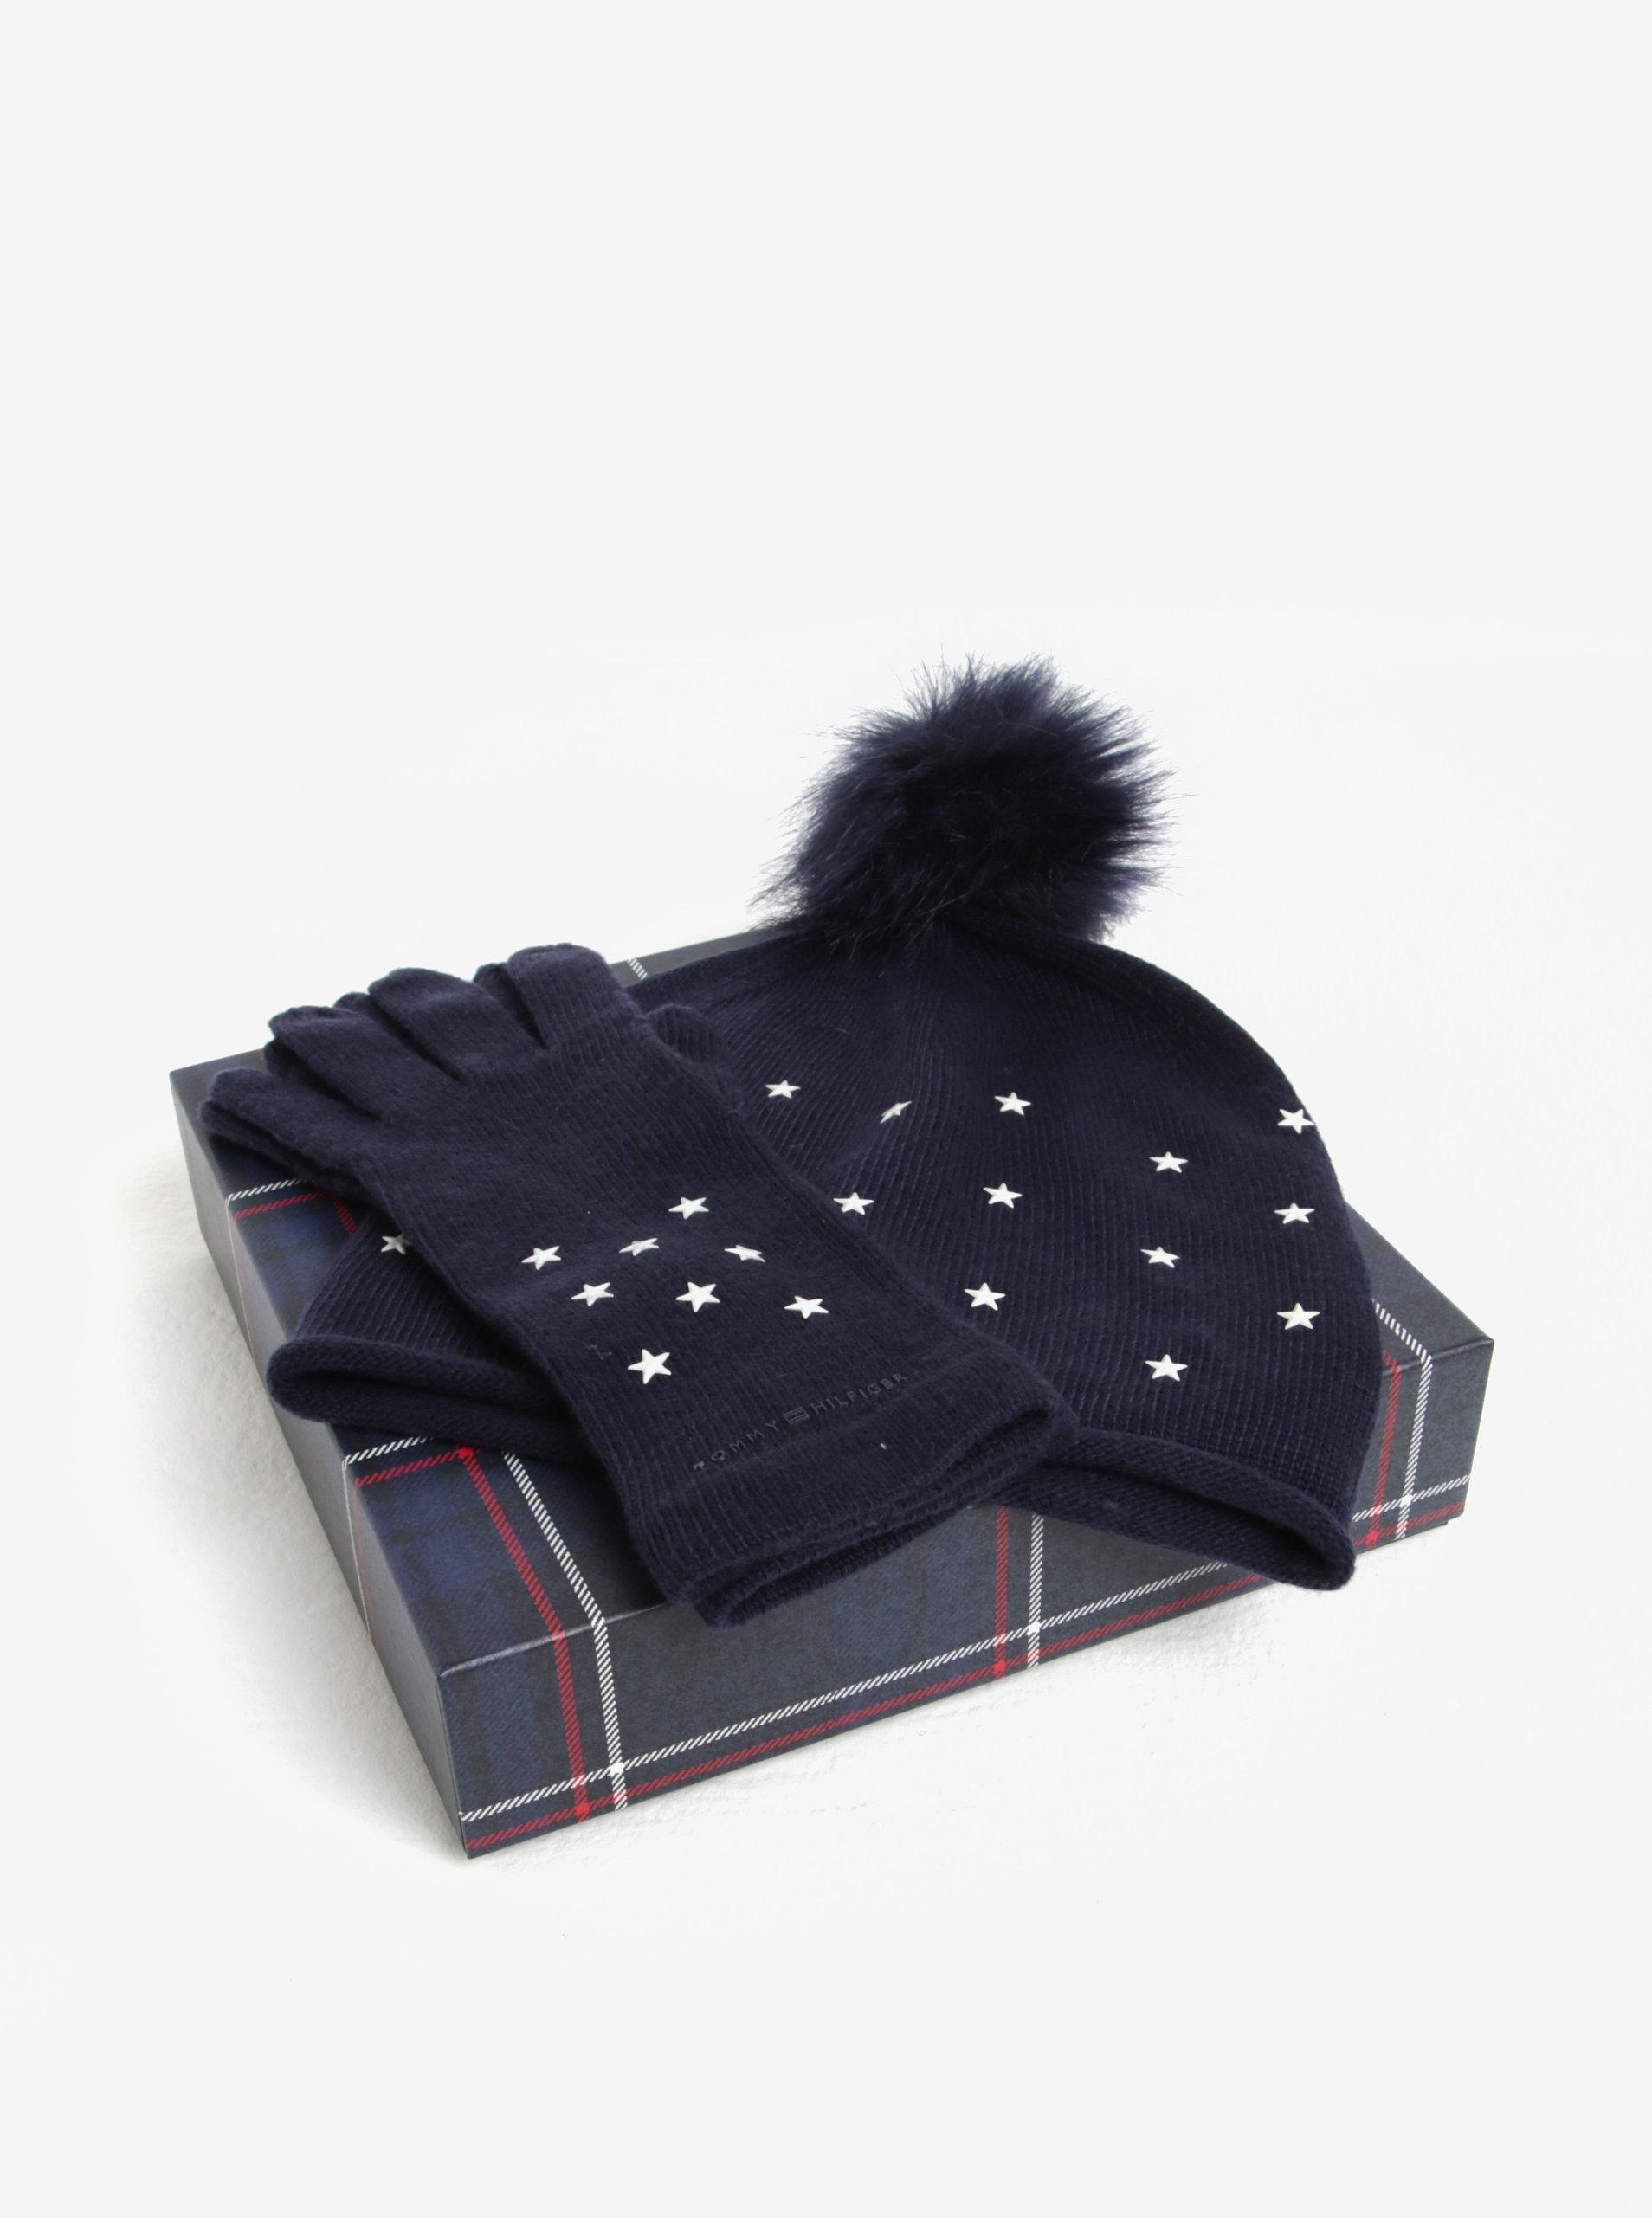 Súprava dámskej čiapky a rukavíc v tmavomodrej farbe v darčekovej škatuľke Tommy  Hilfiger ... 7c621ed432c